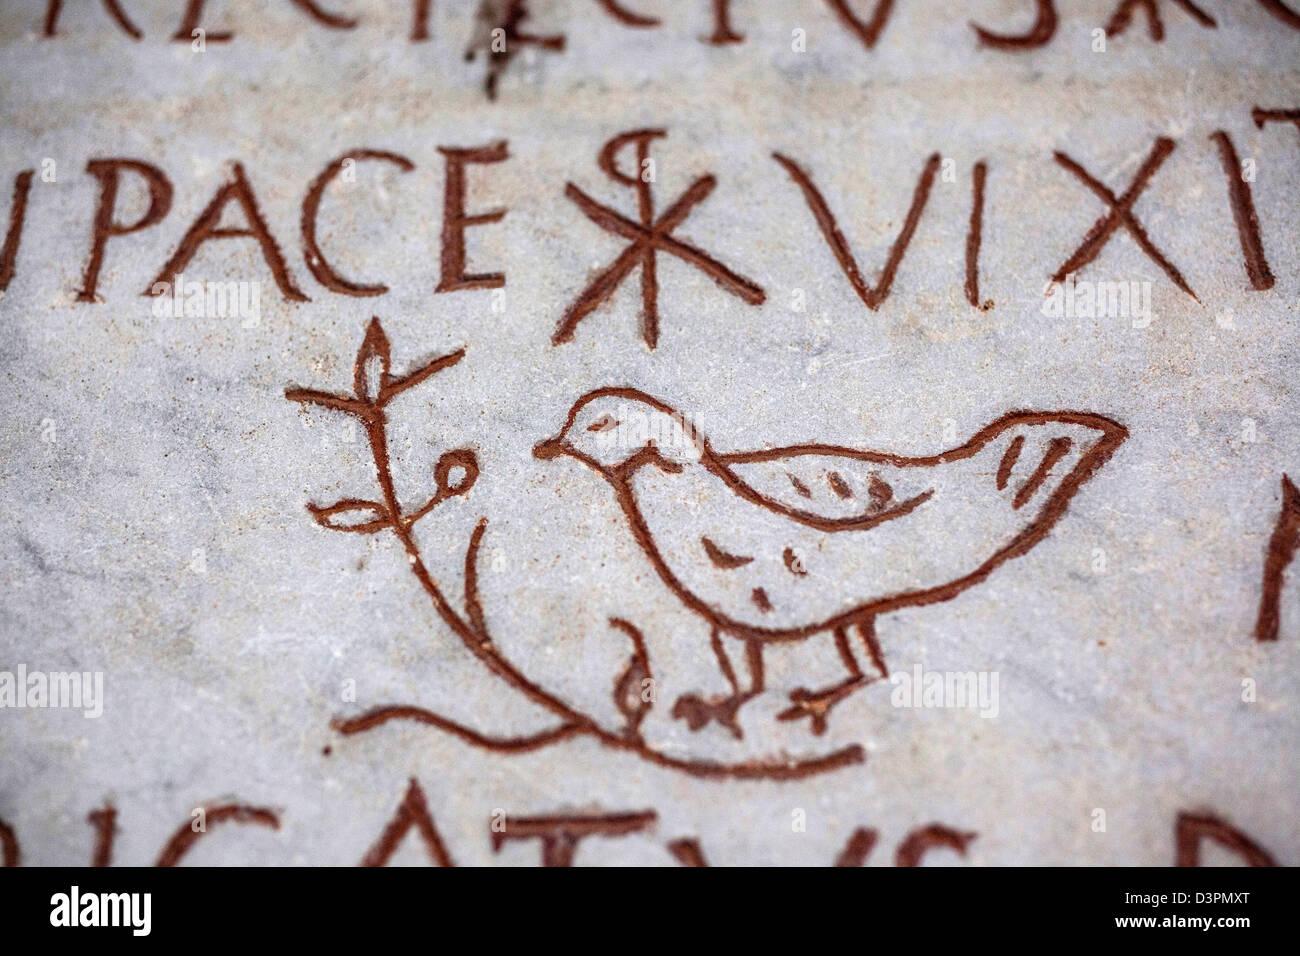 Una paloma un antiguo símbolo cristiano, en un sarcófago en el museo Vaticano Imagen De Stock